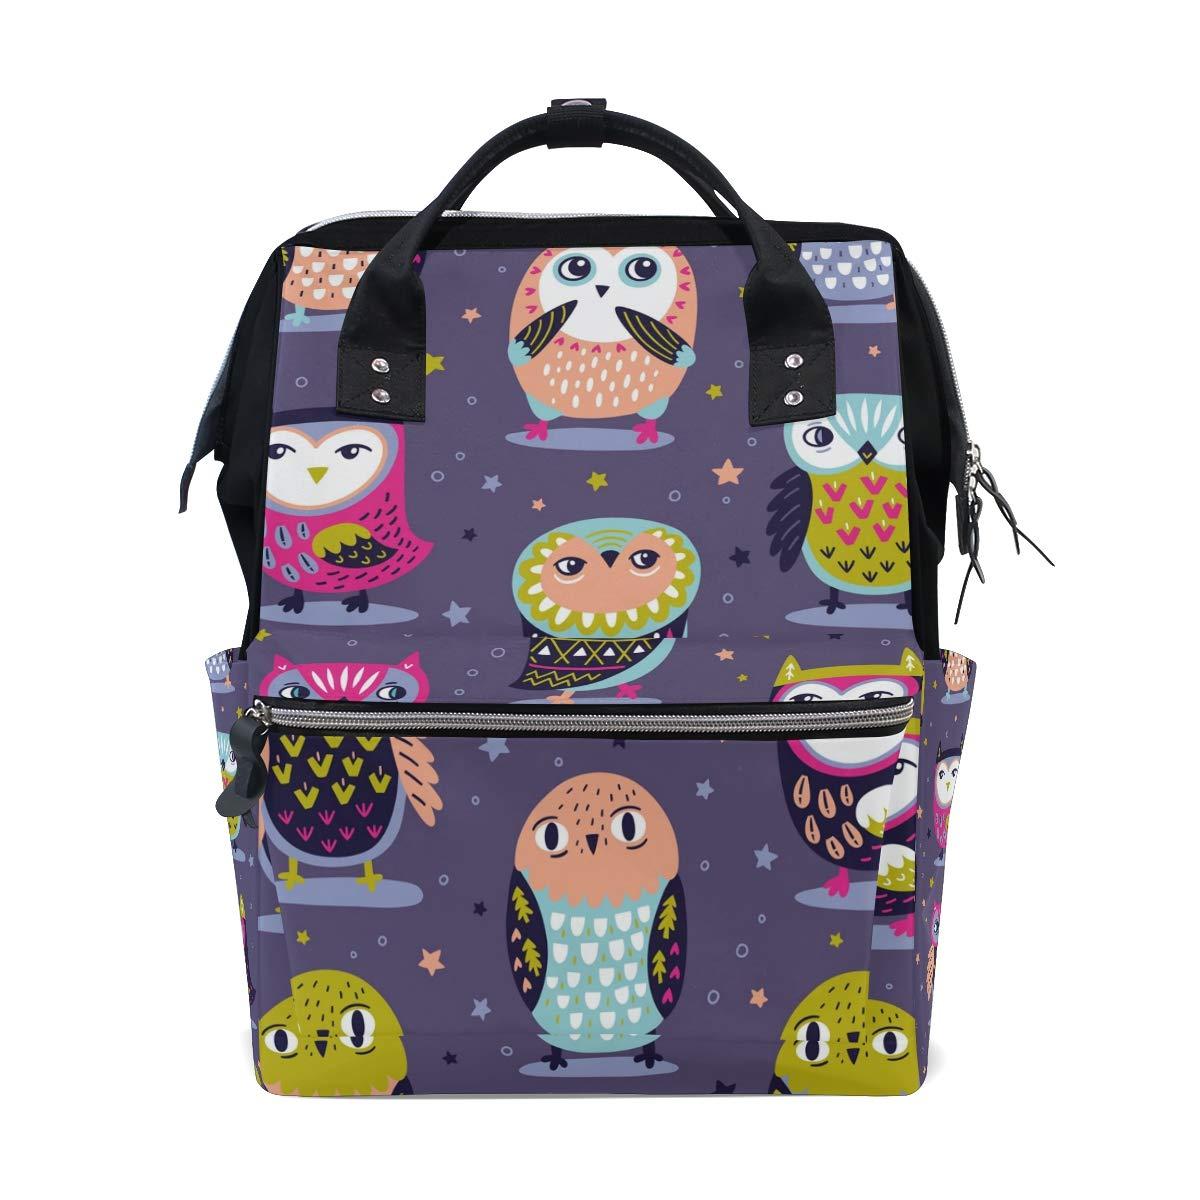 MERRYSUGAR Diaper Bag Backpack Cute Owl Star Multifunction Travel Bag